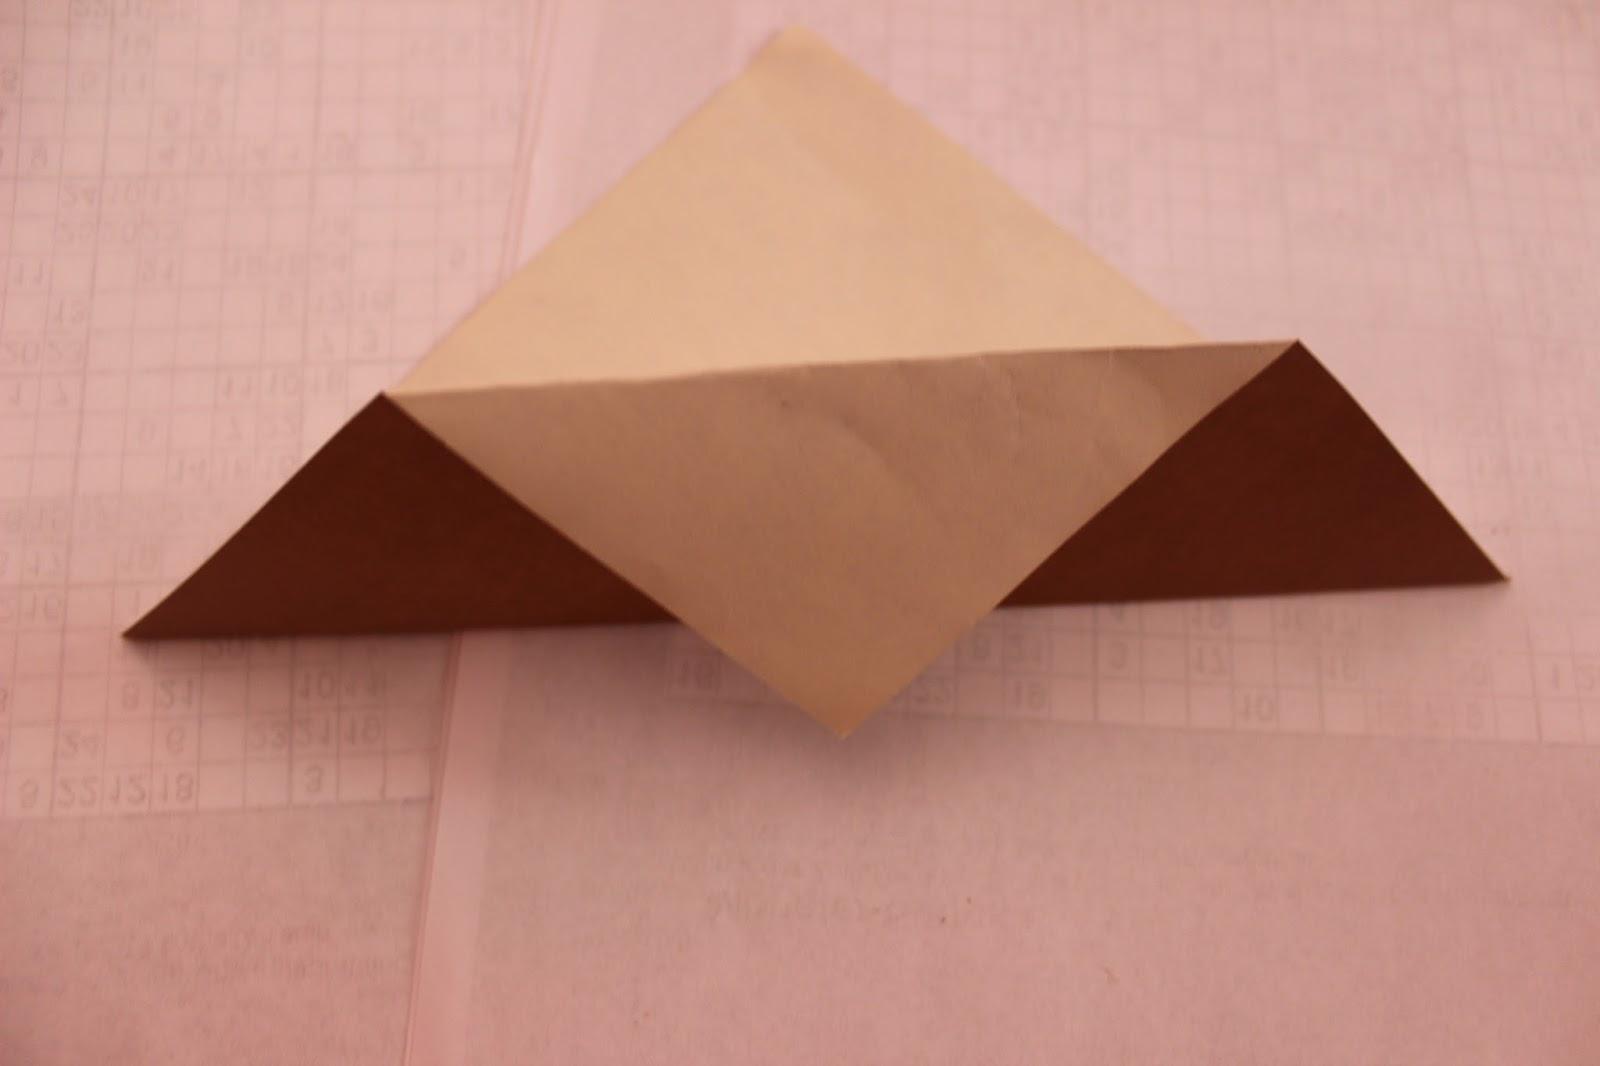 Origami Briefumschlag Mit Einfachen Handgriffen Zaubern Eine Tolle